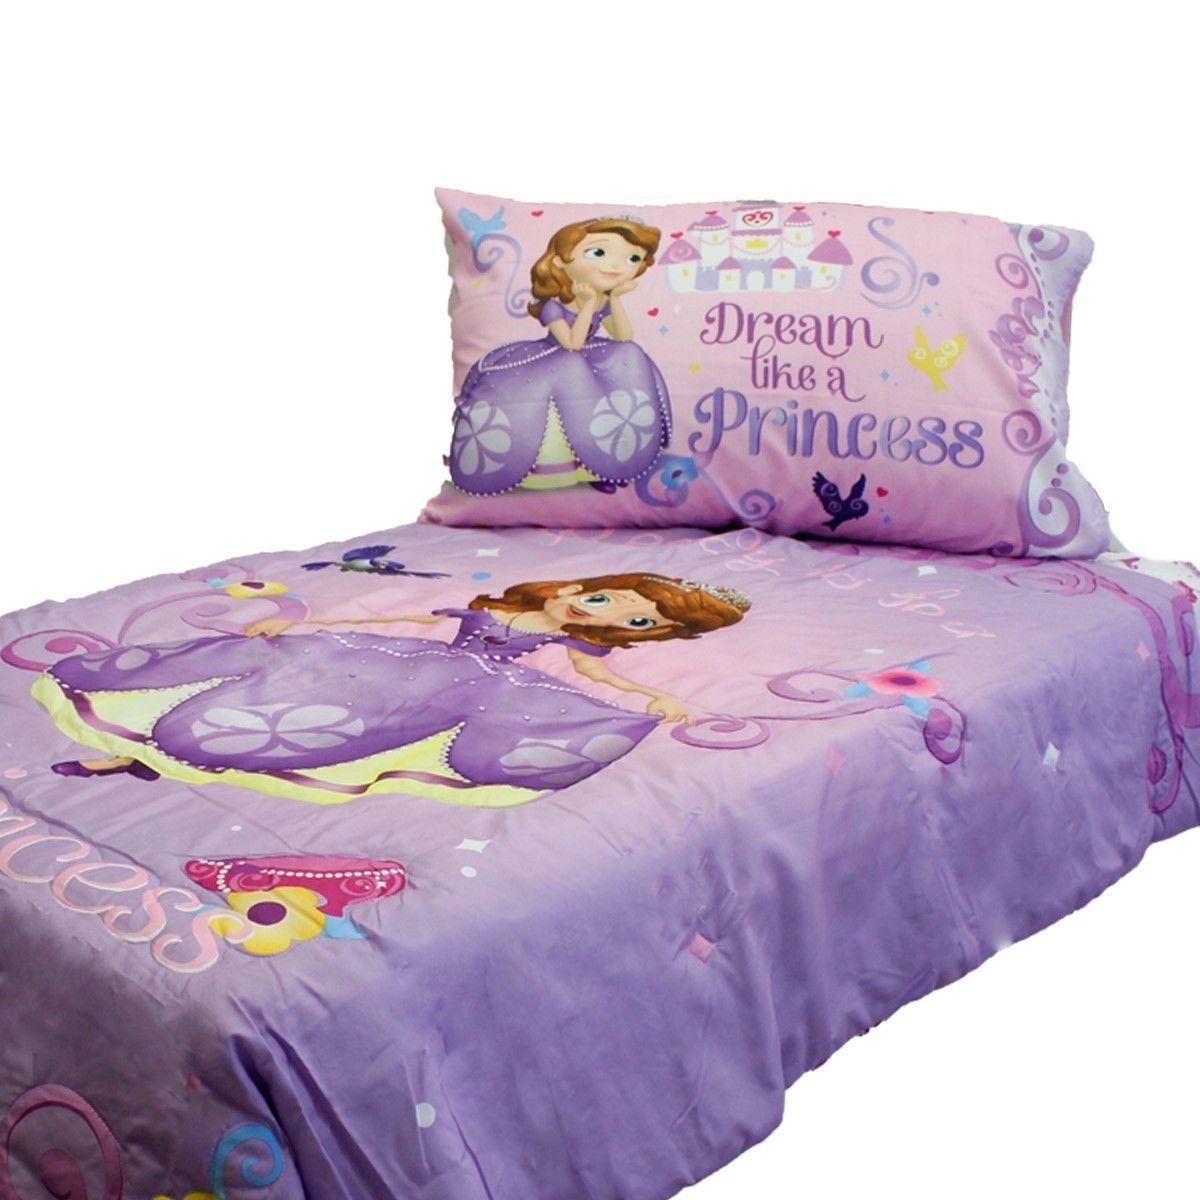 Toddler Bed Princess Sheets